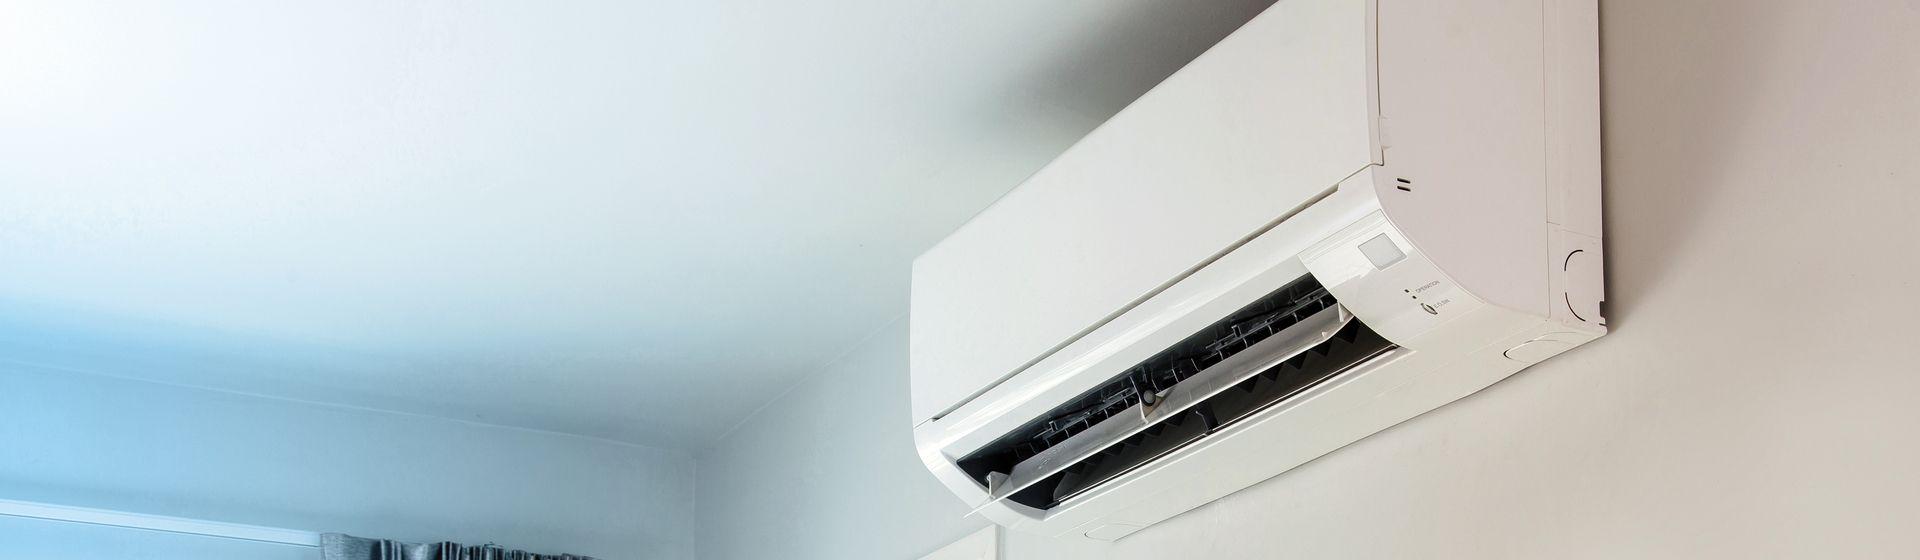 Home office: qual o ar-condicionado mais econômico para trabalhar de casa?